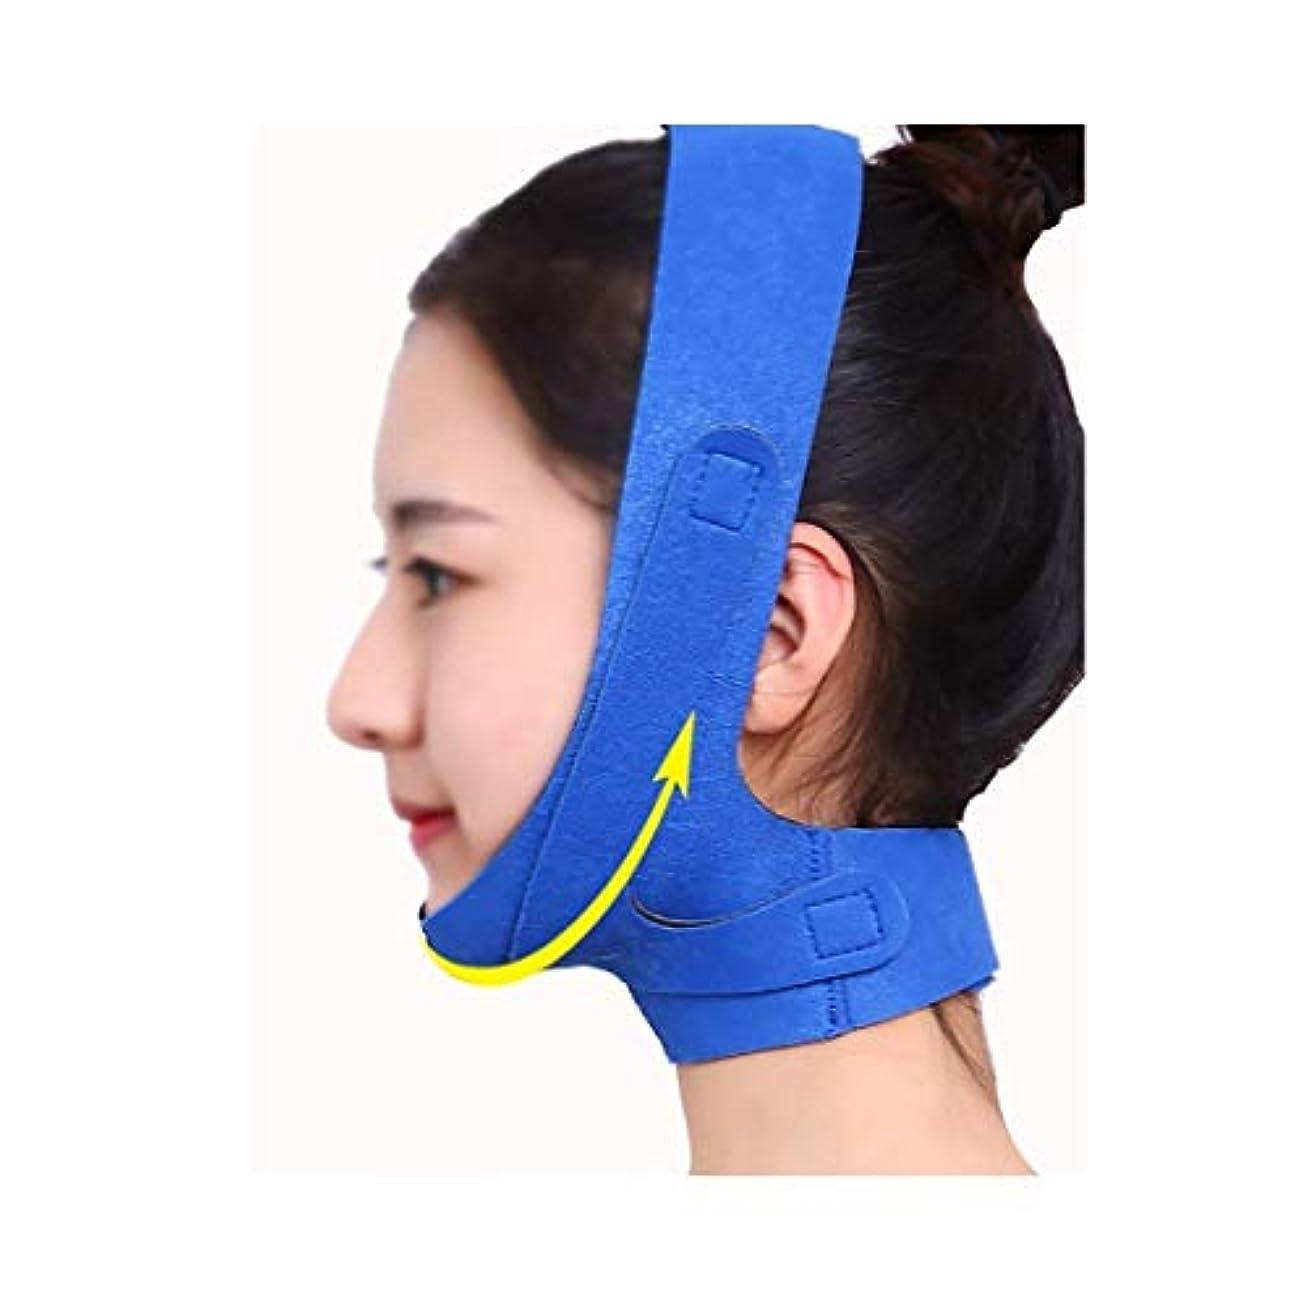 農村ケイ素ブラインドフェイスリフトマスク、チンストラップの回復の包帯の睡眠の薄い顔の包帯の薄いフェイスマスクフェイスリフトの美のマスクの包帯の青いフェイスマスクが付いている小さいVの顔を高めるフェイスリフトのアーティファクト